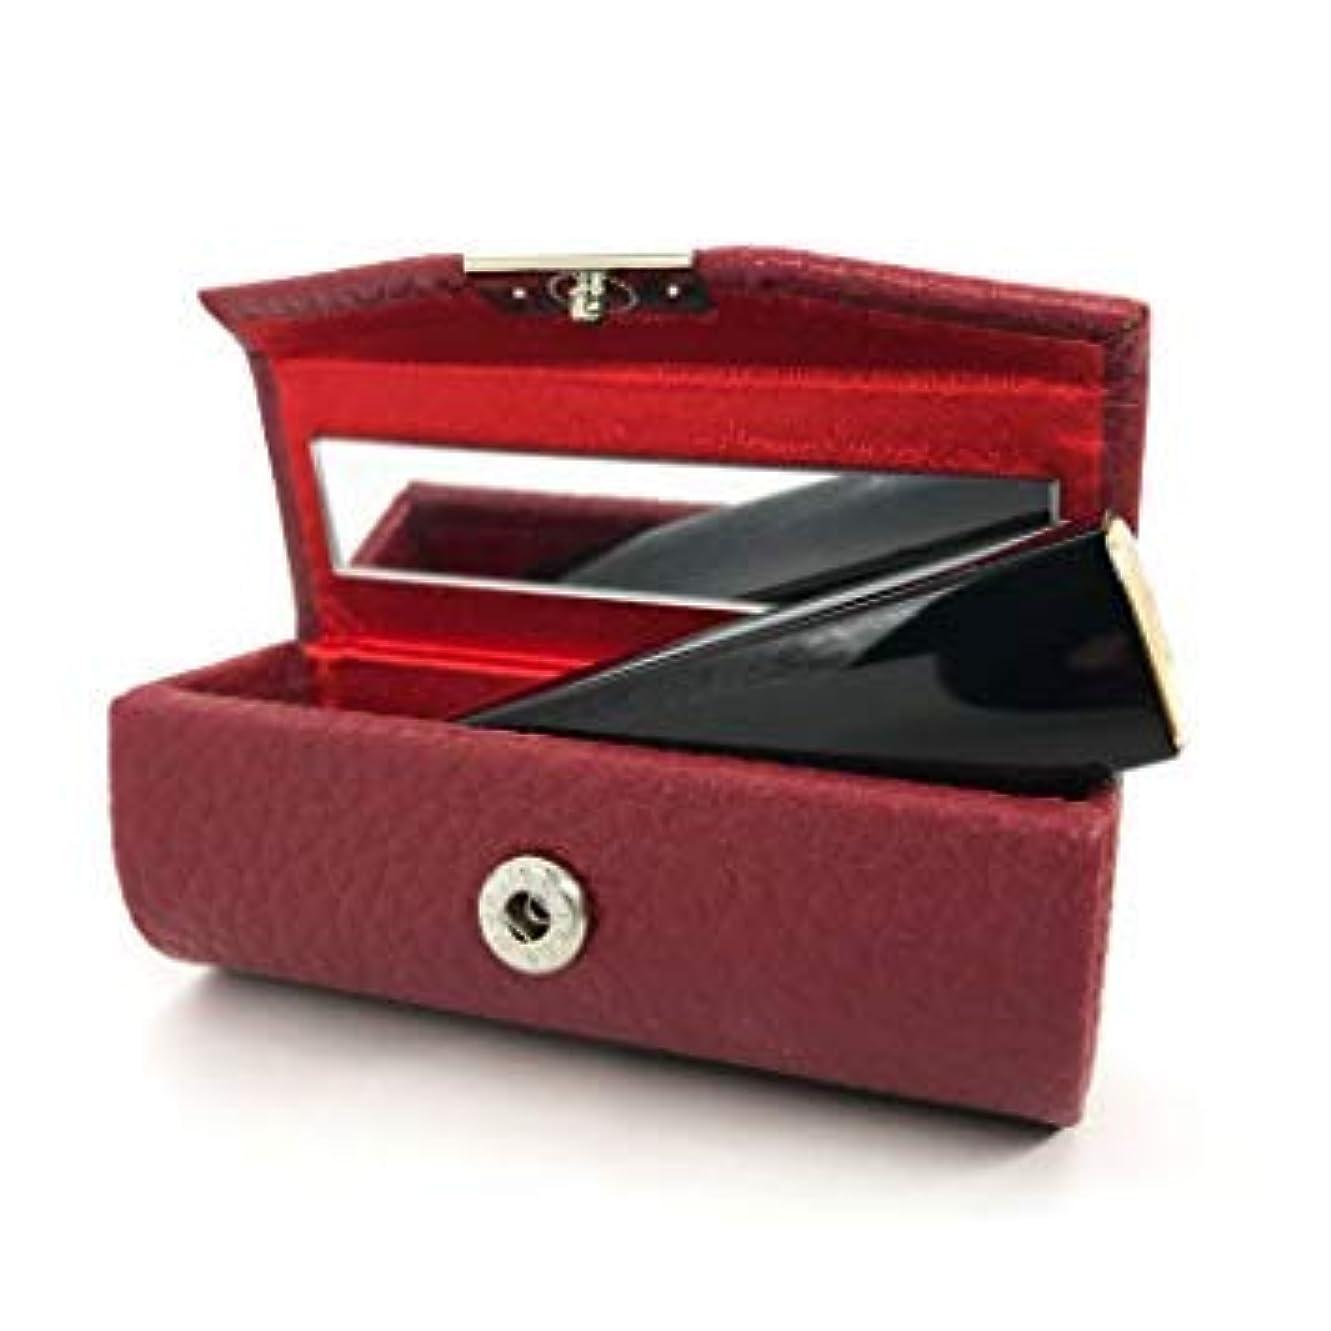 噴出する南市民権口紅ホルダー 収納ボックス リップスティックケース レザー ミラー付き